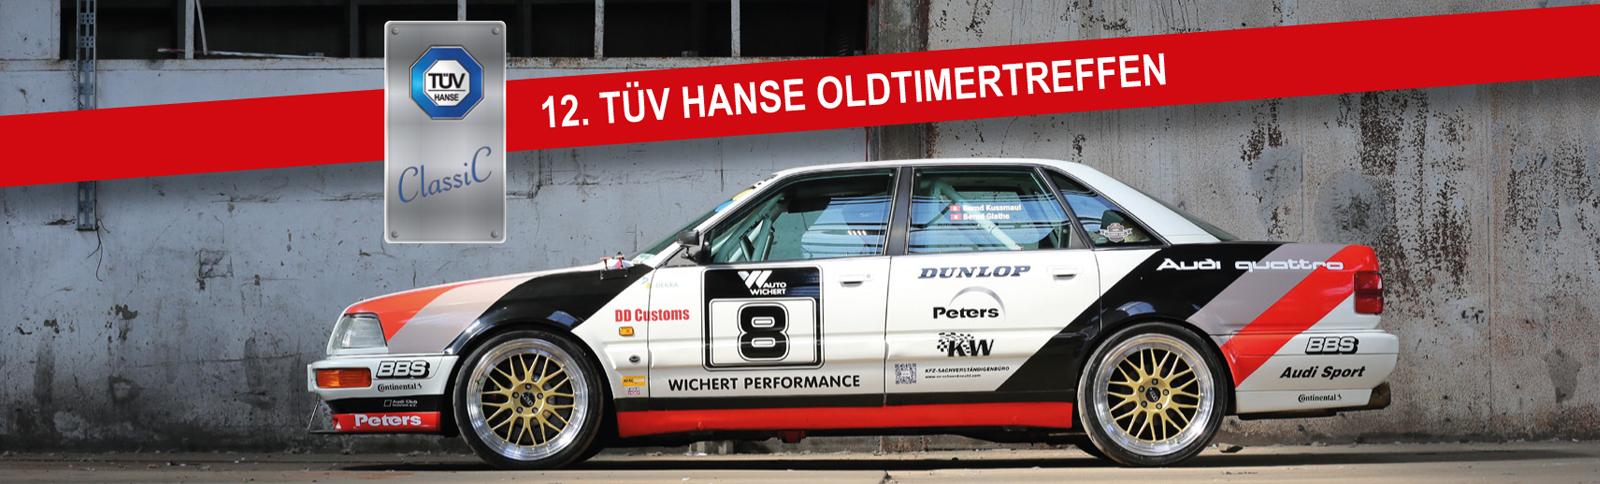 Event-Organisation und Werbemittel für das 12. TÜV HANSE Oldtimertreffen durch Kähler & Kähler